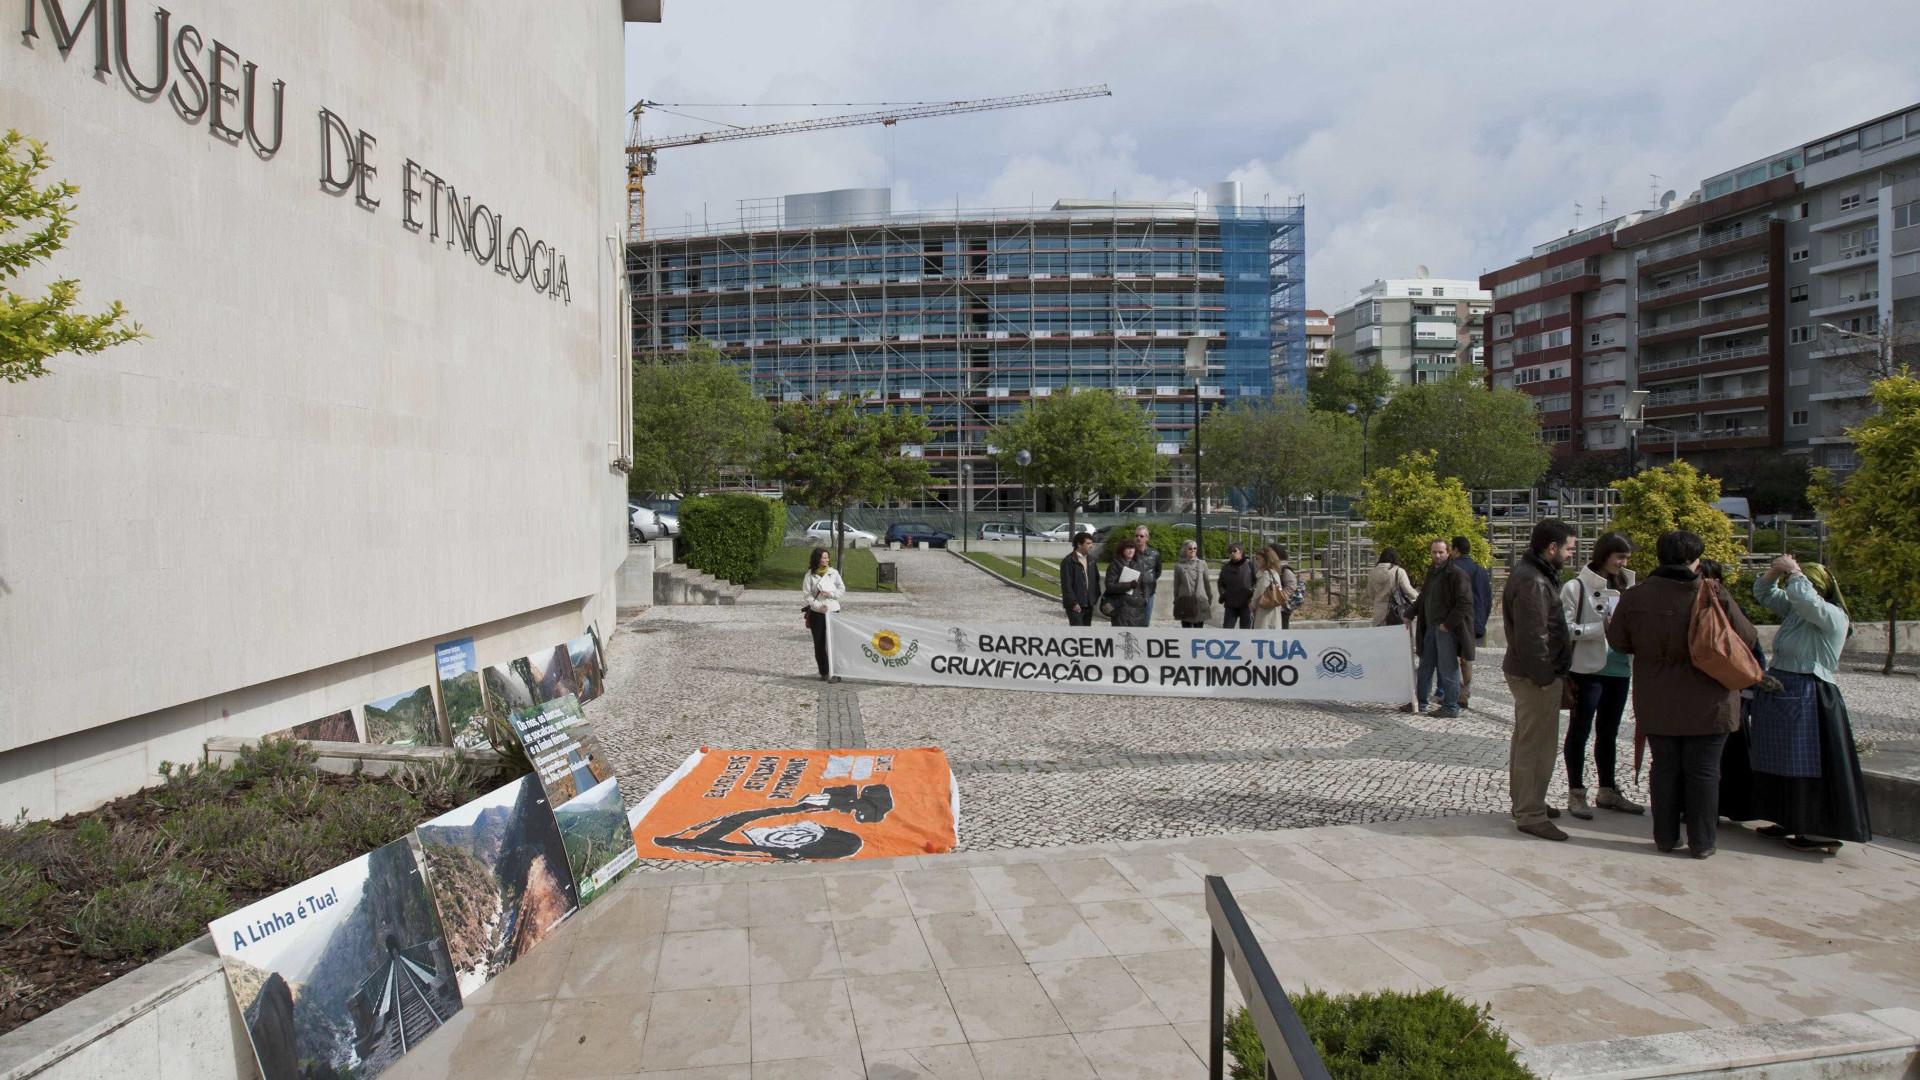 Museu de Etnologia encerrado para obras até 15 de setembro